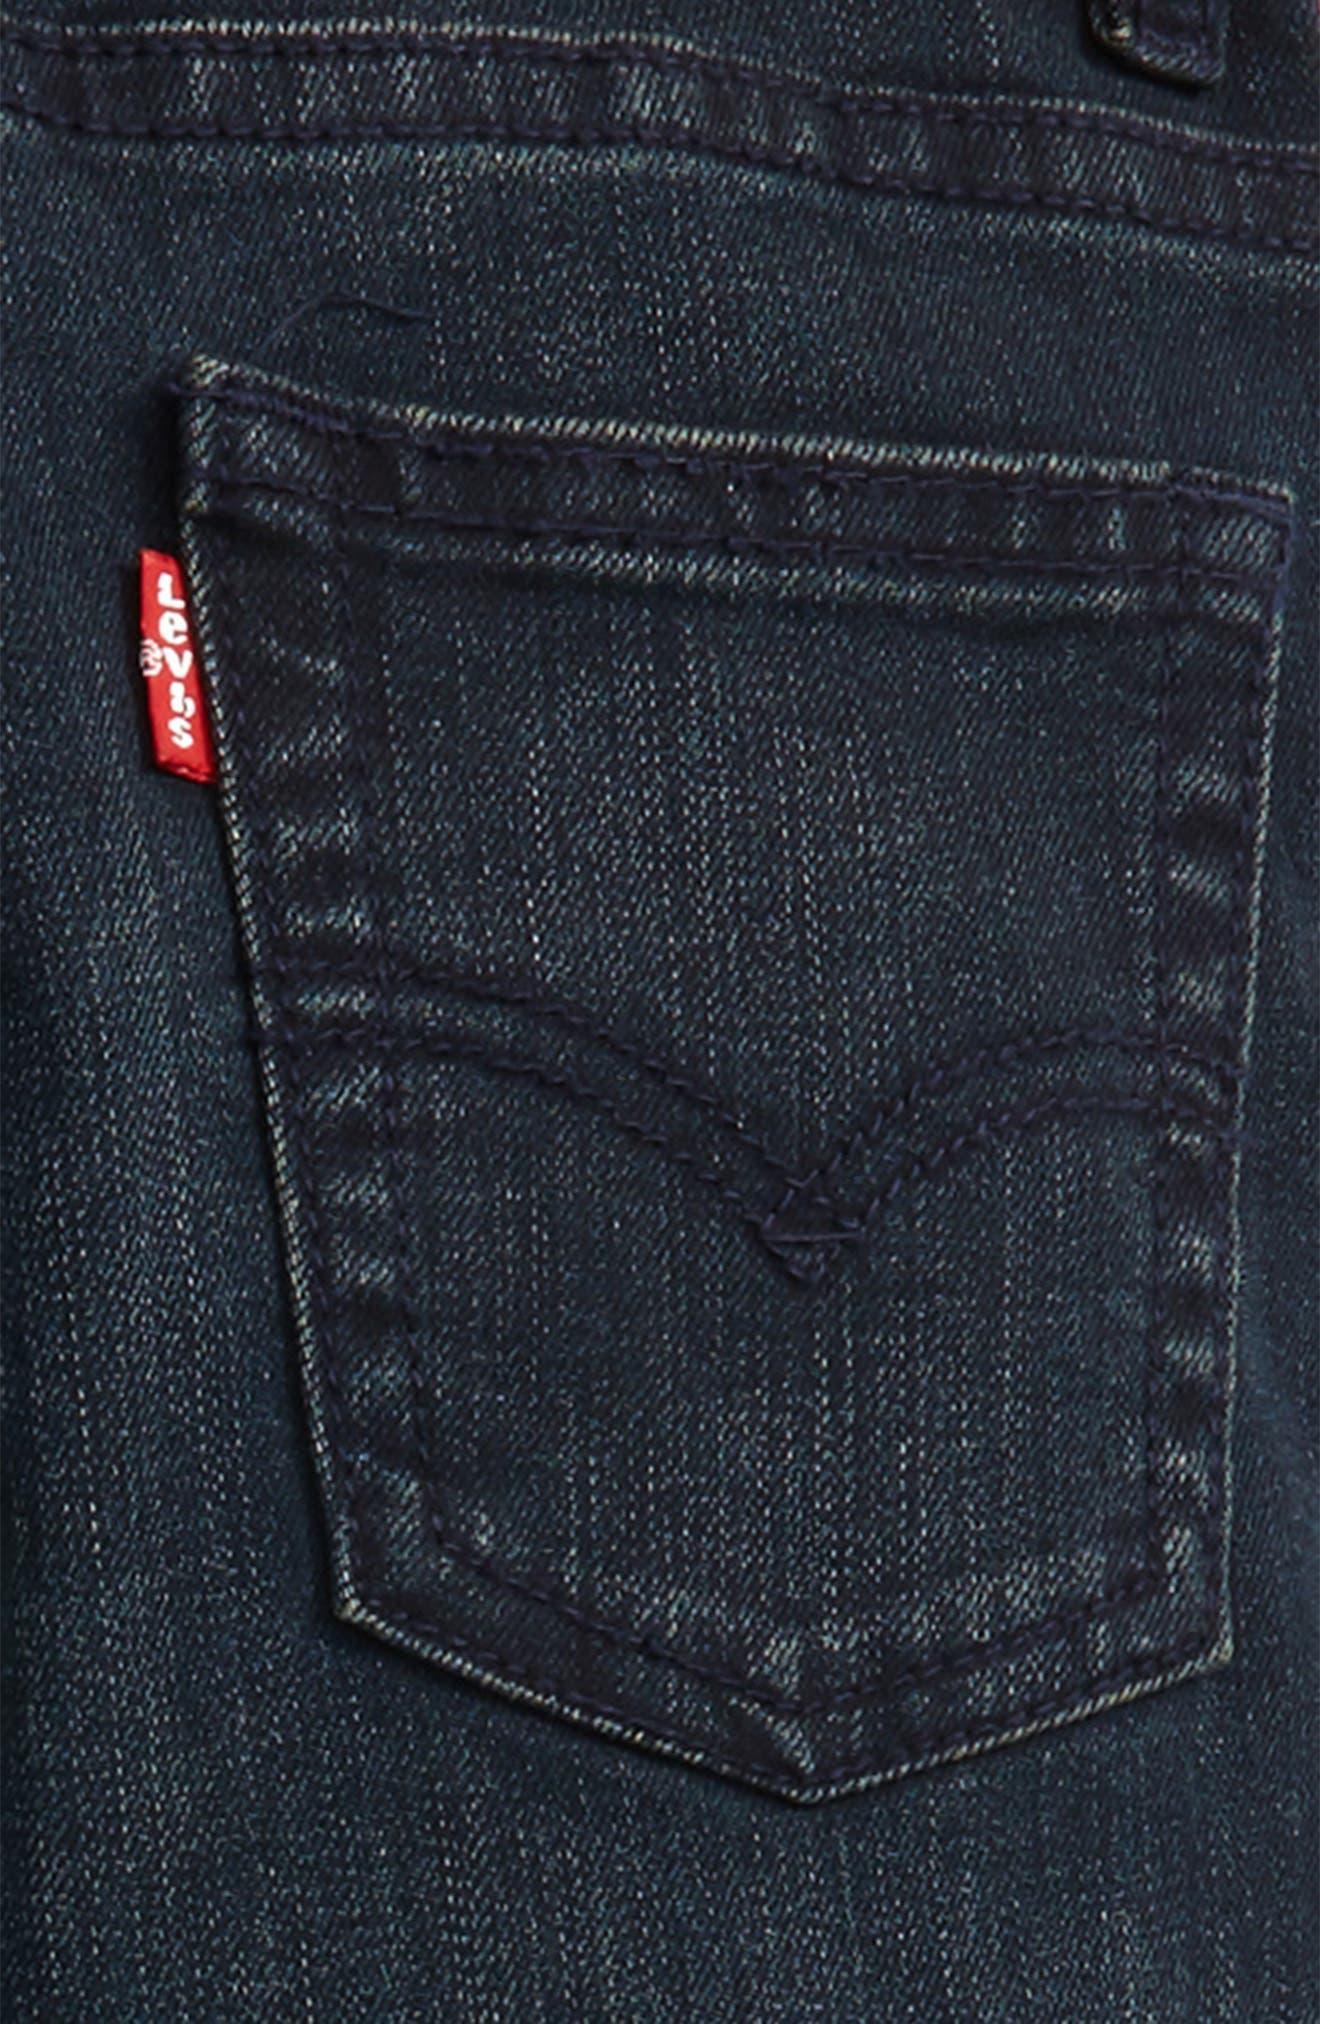 511 Slim Fit Jeans,                             Alternate thumbnail 2, color,                             A Blue